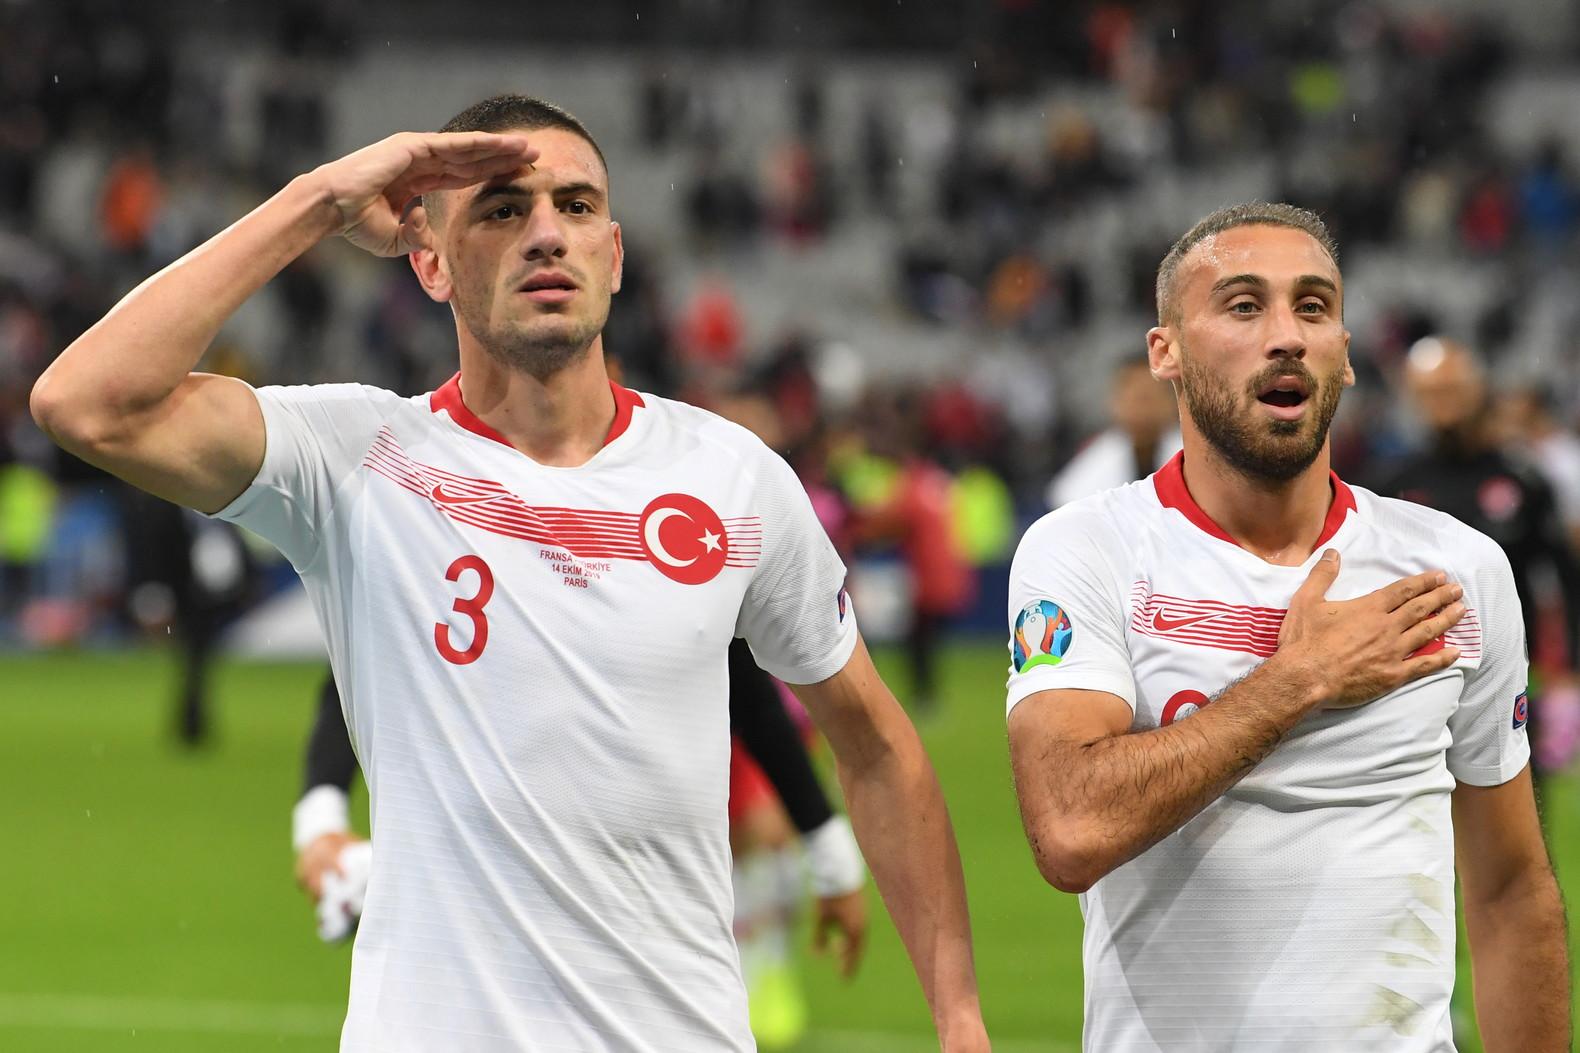 I giocatori della Nazionale di calcio l'hanno fatto anche a Parigi per appoggiare Erdogan.